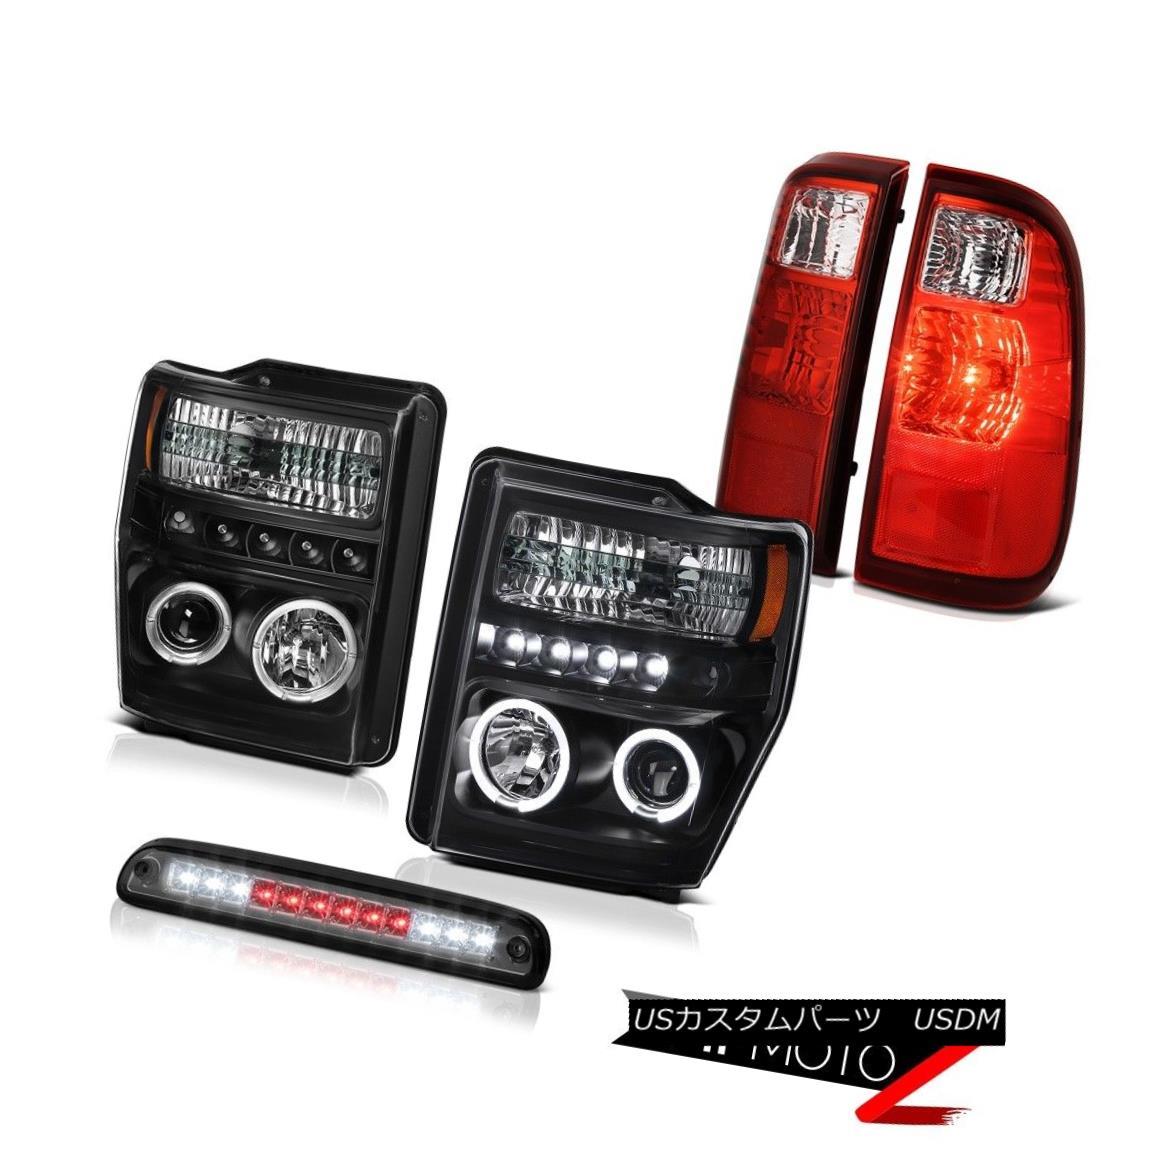 ヘッドライト Projector Headlights Brake Cargo LED RED Tail Light Assembly 2008 2009 2010 F350 プロジェクターヘッドライトブレーキカーゴLED REDテールライトアセンブリ2008 2009 2010 F350